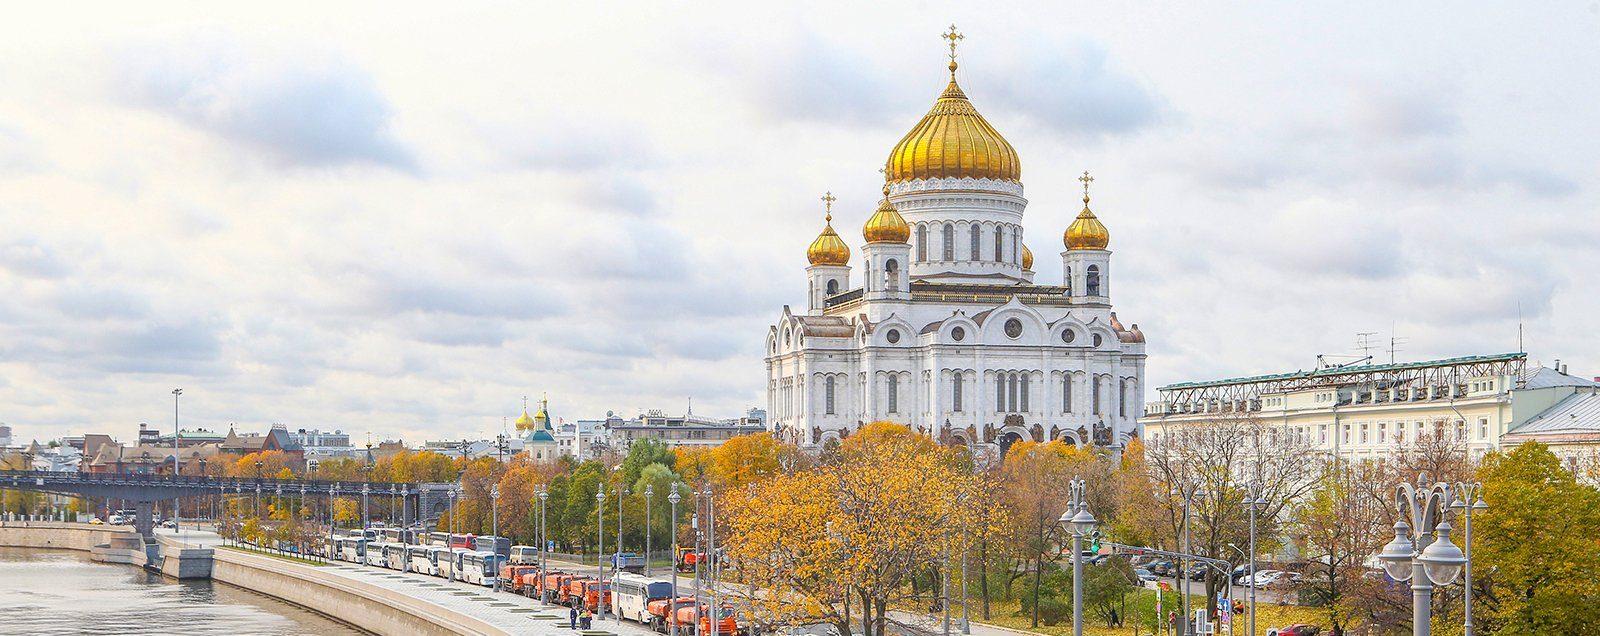 Экскурсию в Храм Христа Спасителя организует библиотека Пушкина. Фото: сайт мэра Москвы